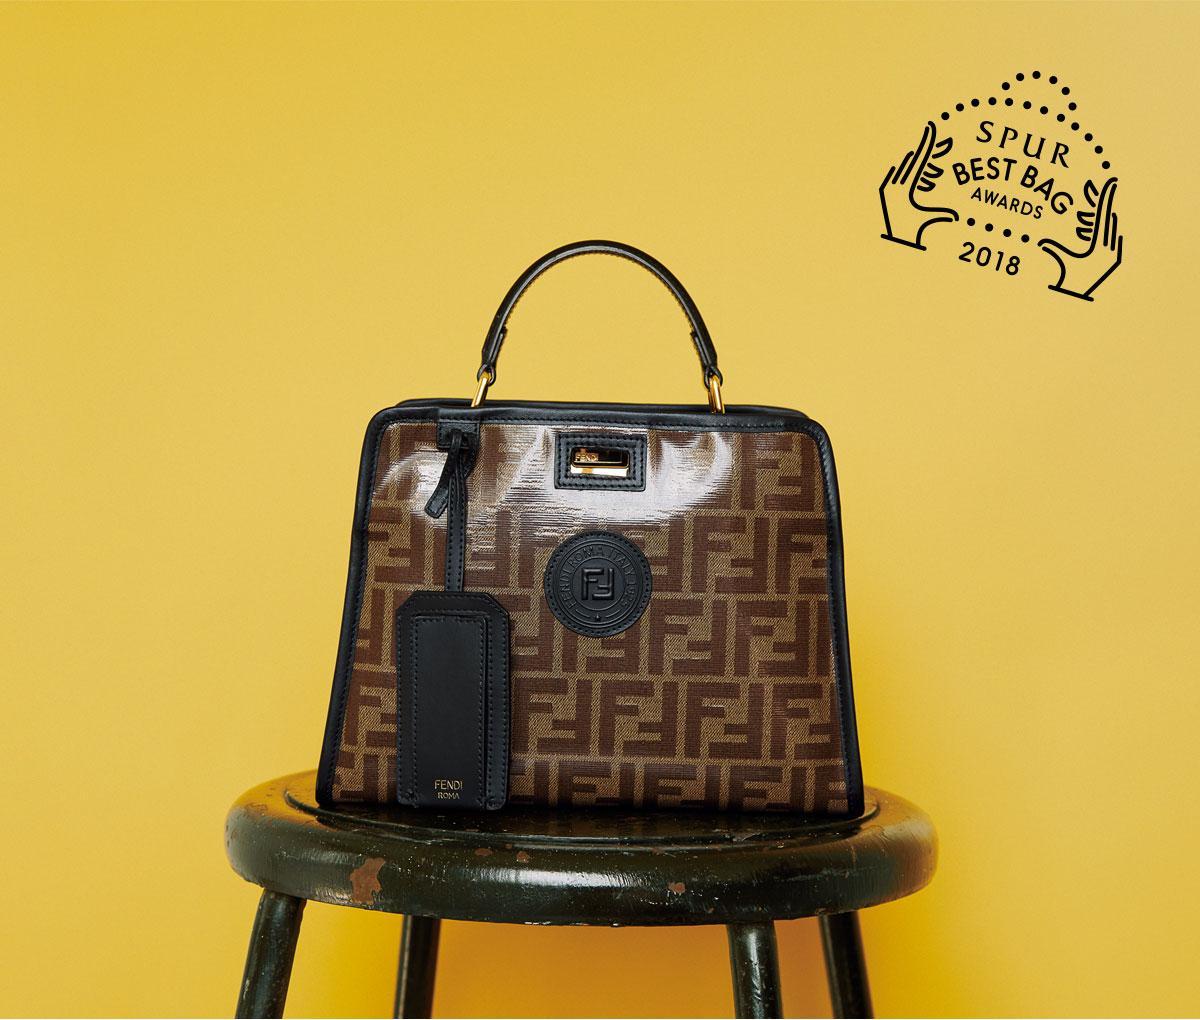 バッグ〈H18×W23×D11〉(ストラップつき)¥453,000/フェンディ ジャパン(フェンディ)